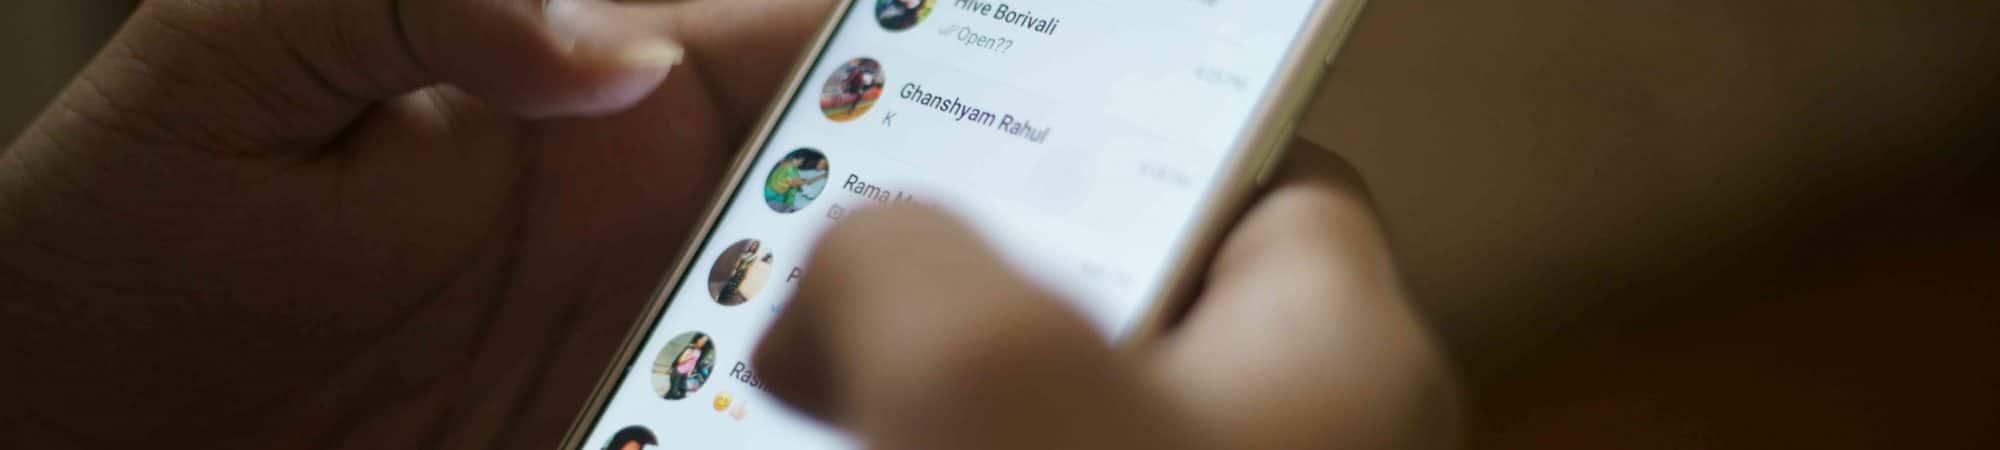 Ilustração de WhatsApp aberto em smartphone